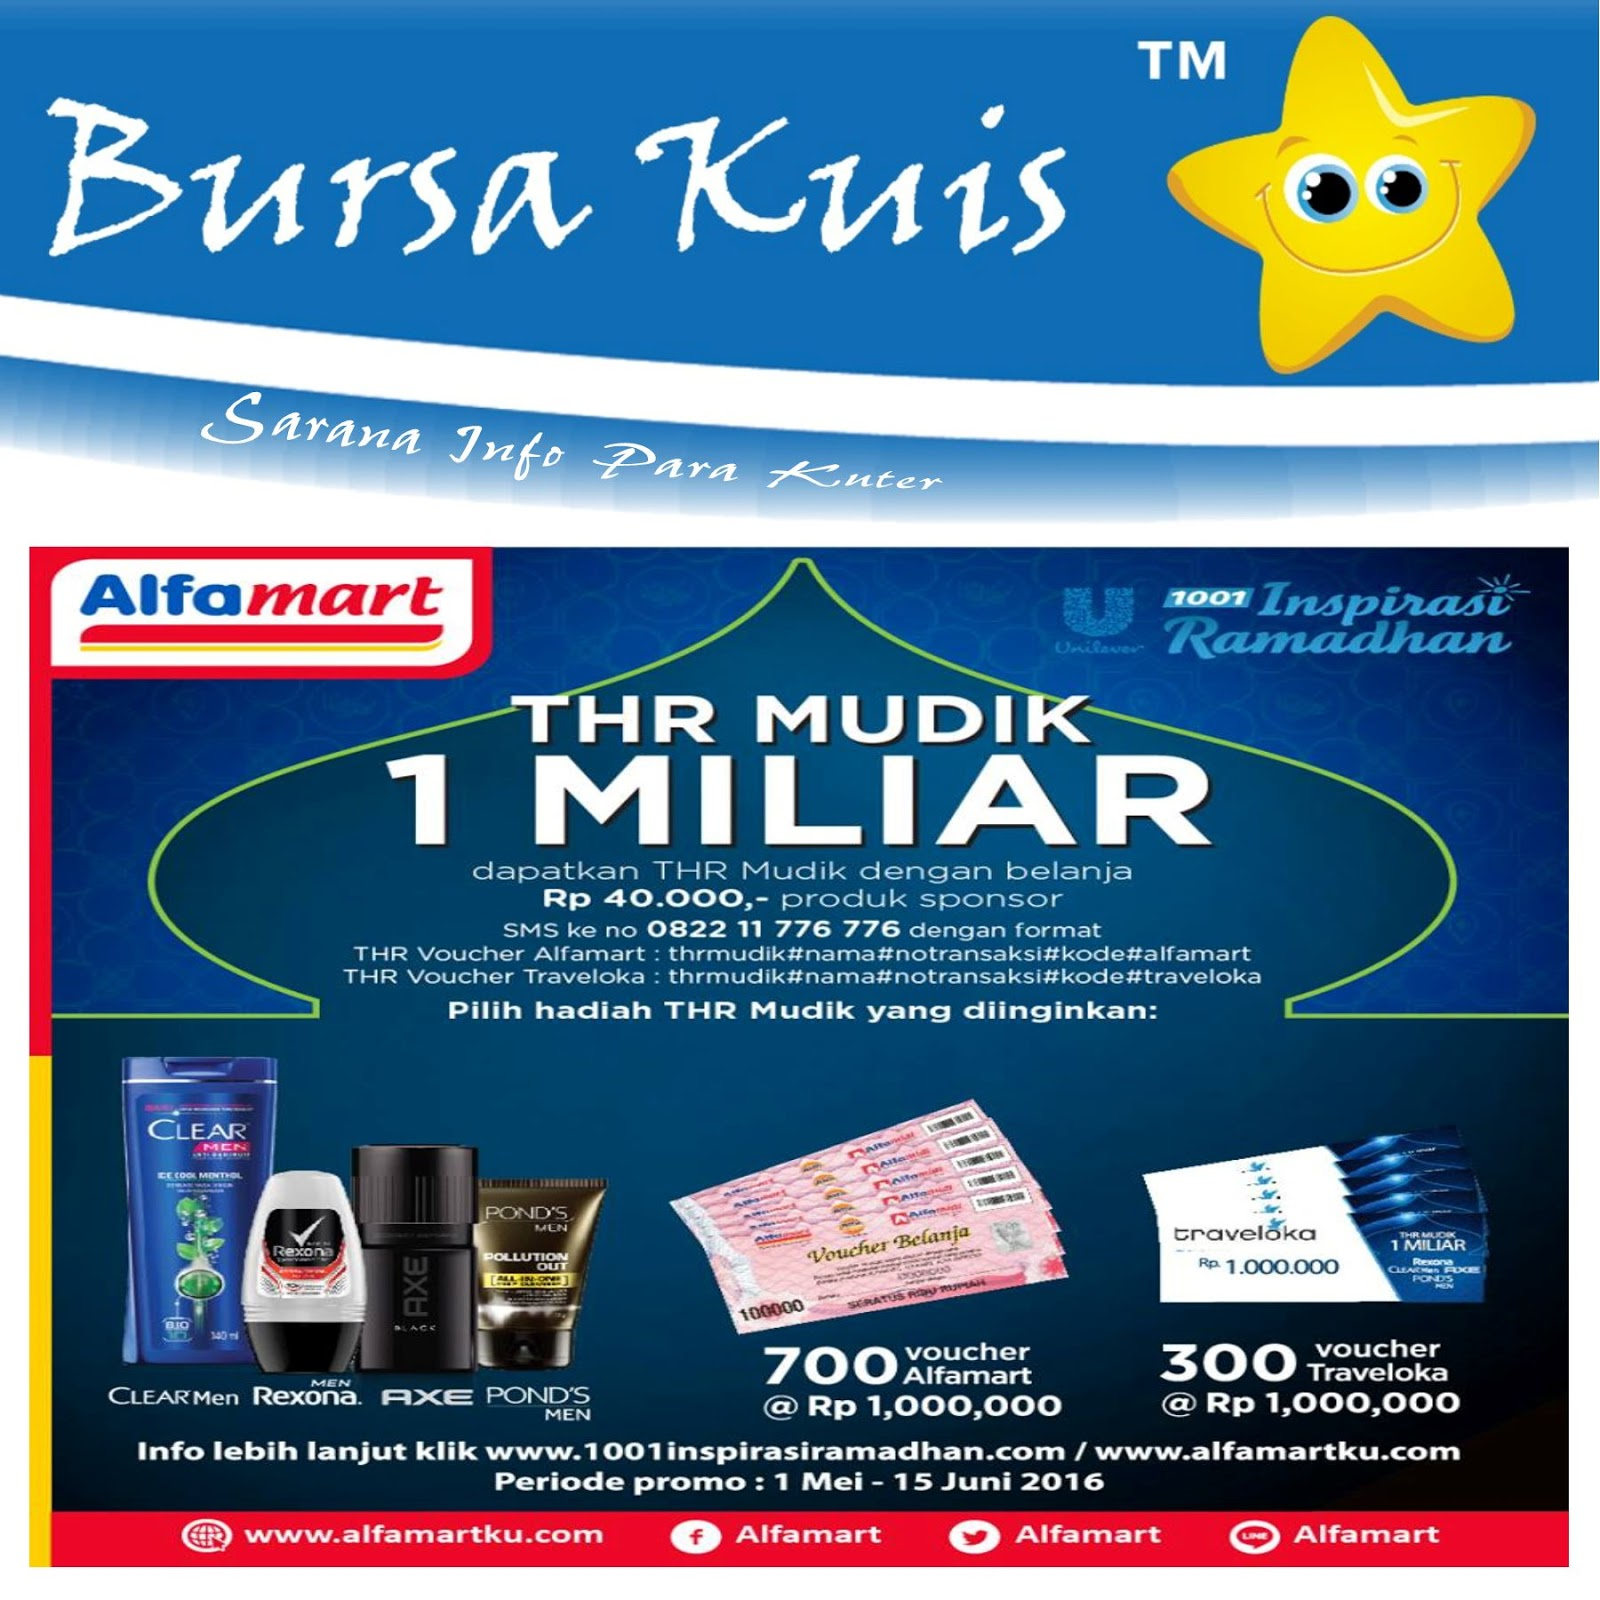 Promo Thr Mudik Alfamart Total 1 Milyar 1001 Inspirasi Ramadhan 2016 E Voucher Juta Rejeki Lebaran Tlah Tiba Nih Ayo Segera Ikutan Persembahan Dari Unilever Traveloka Dan